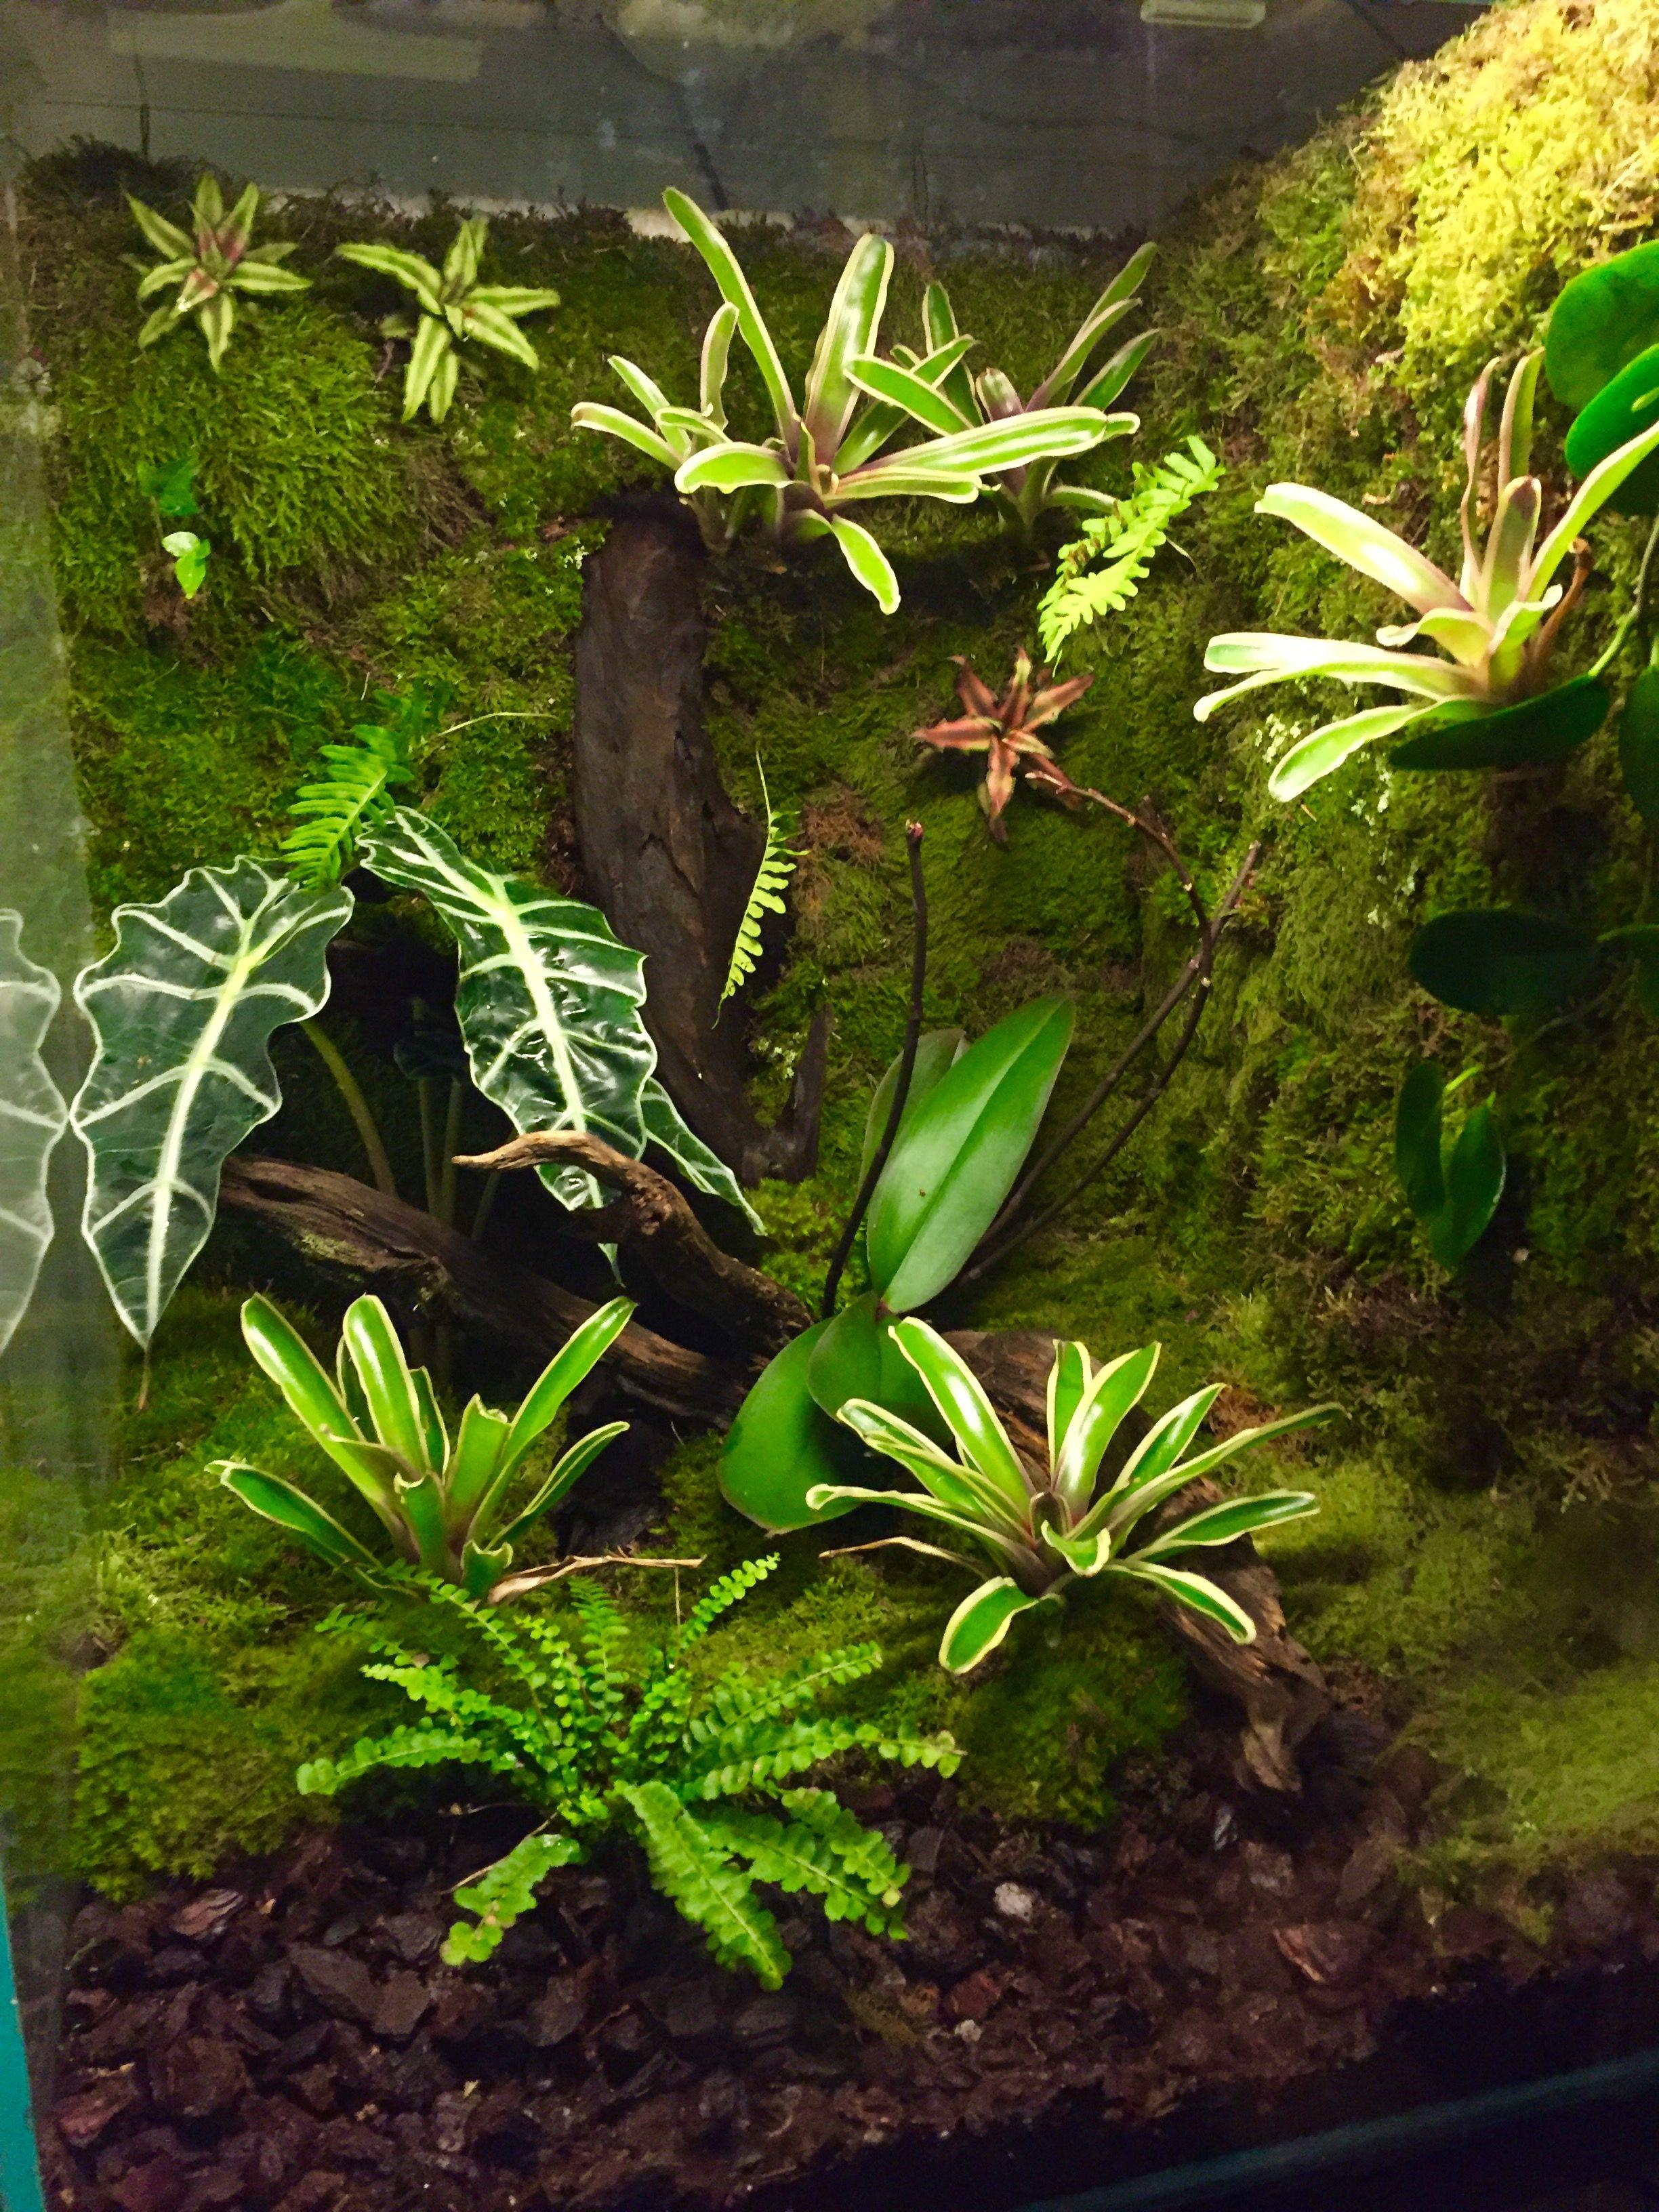 Leucomelas vivarium terra pinterest vivarium terrarium i aquarium